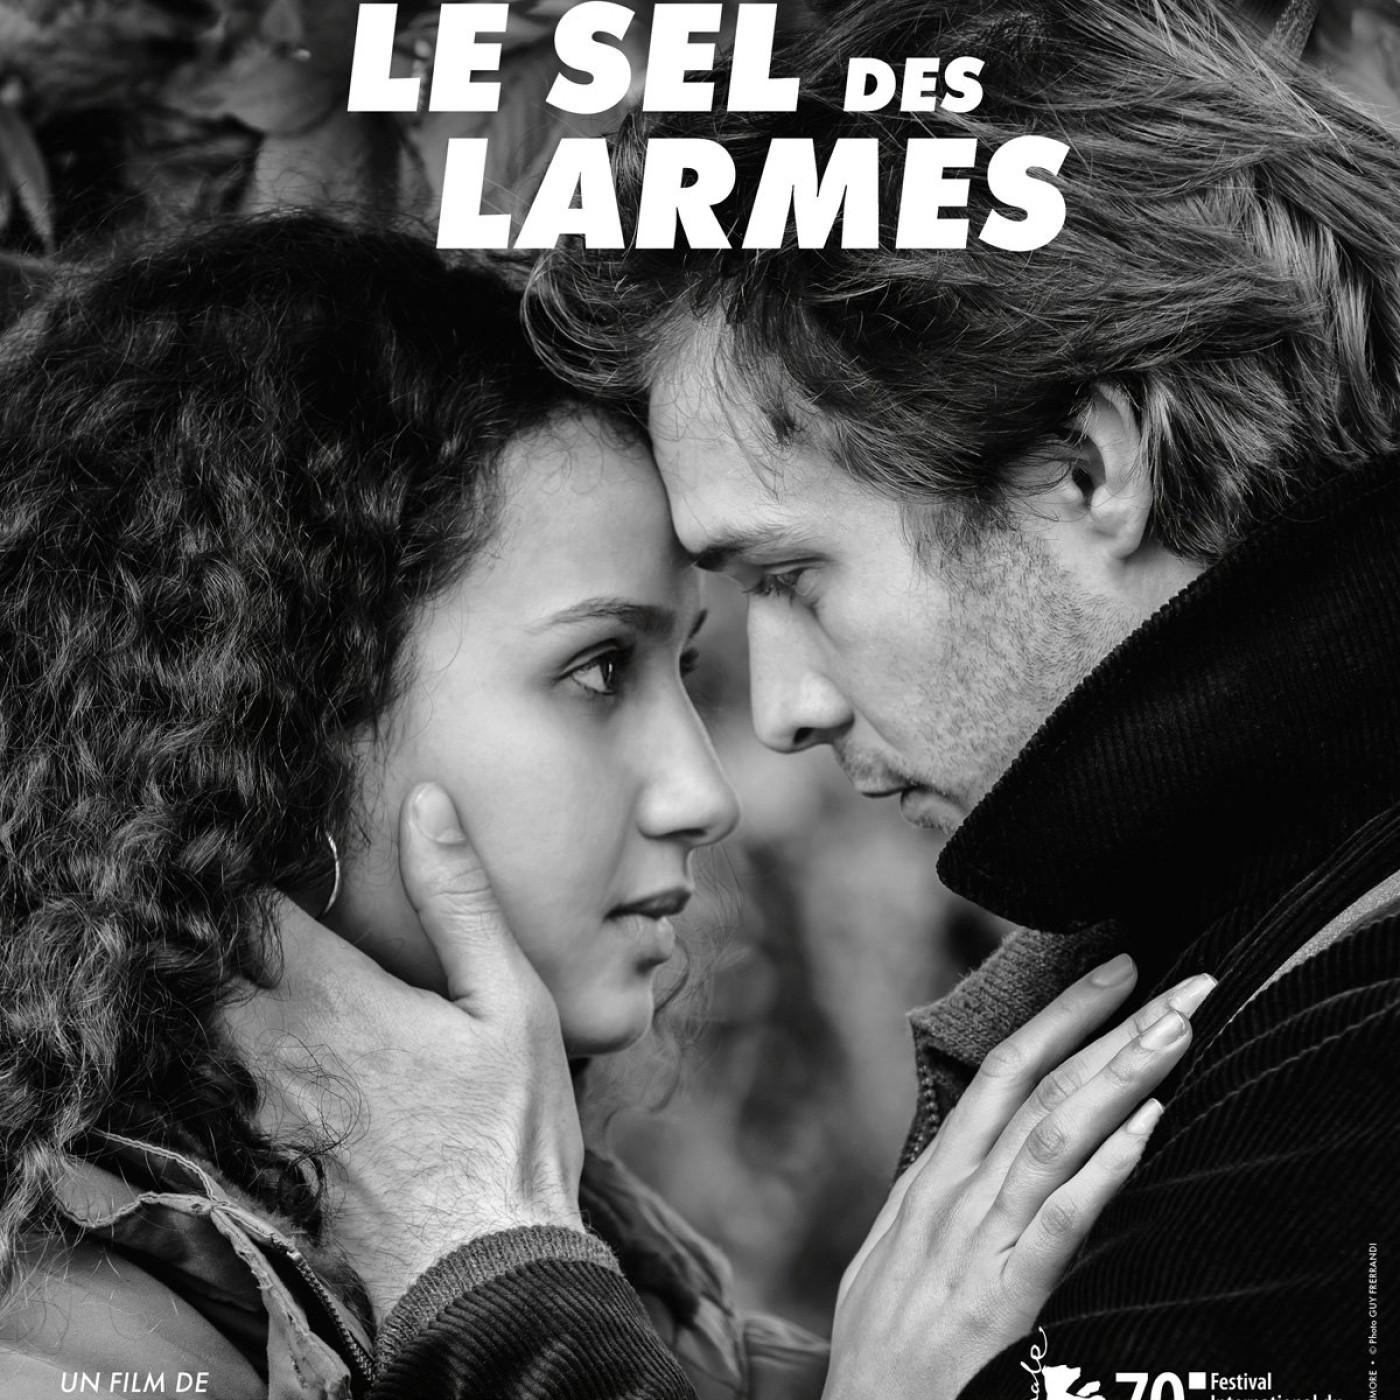 Critique du Film LE SEL DES LARMES